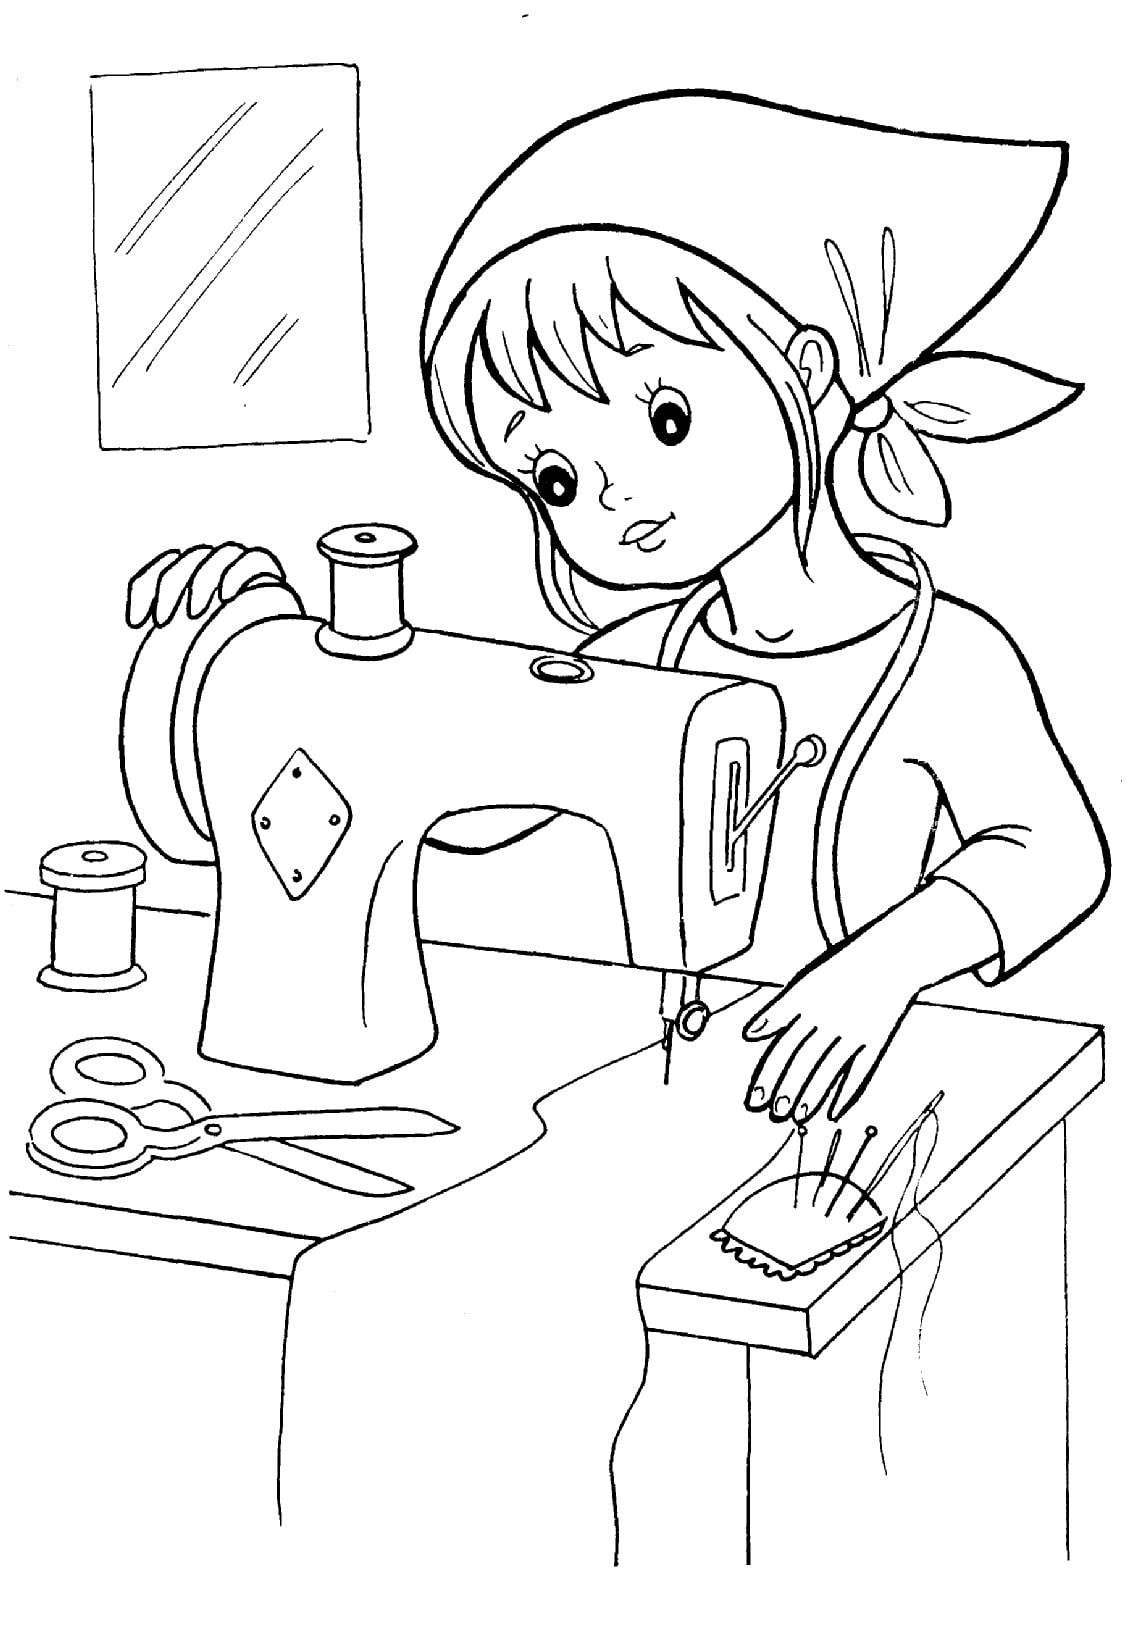 Картинки раскраски профессии для детей